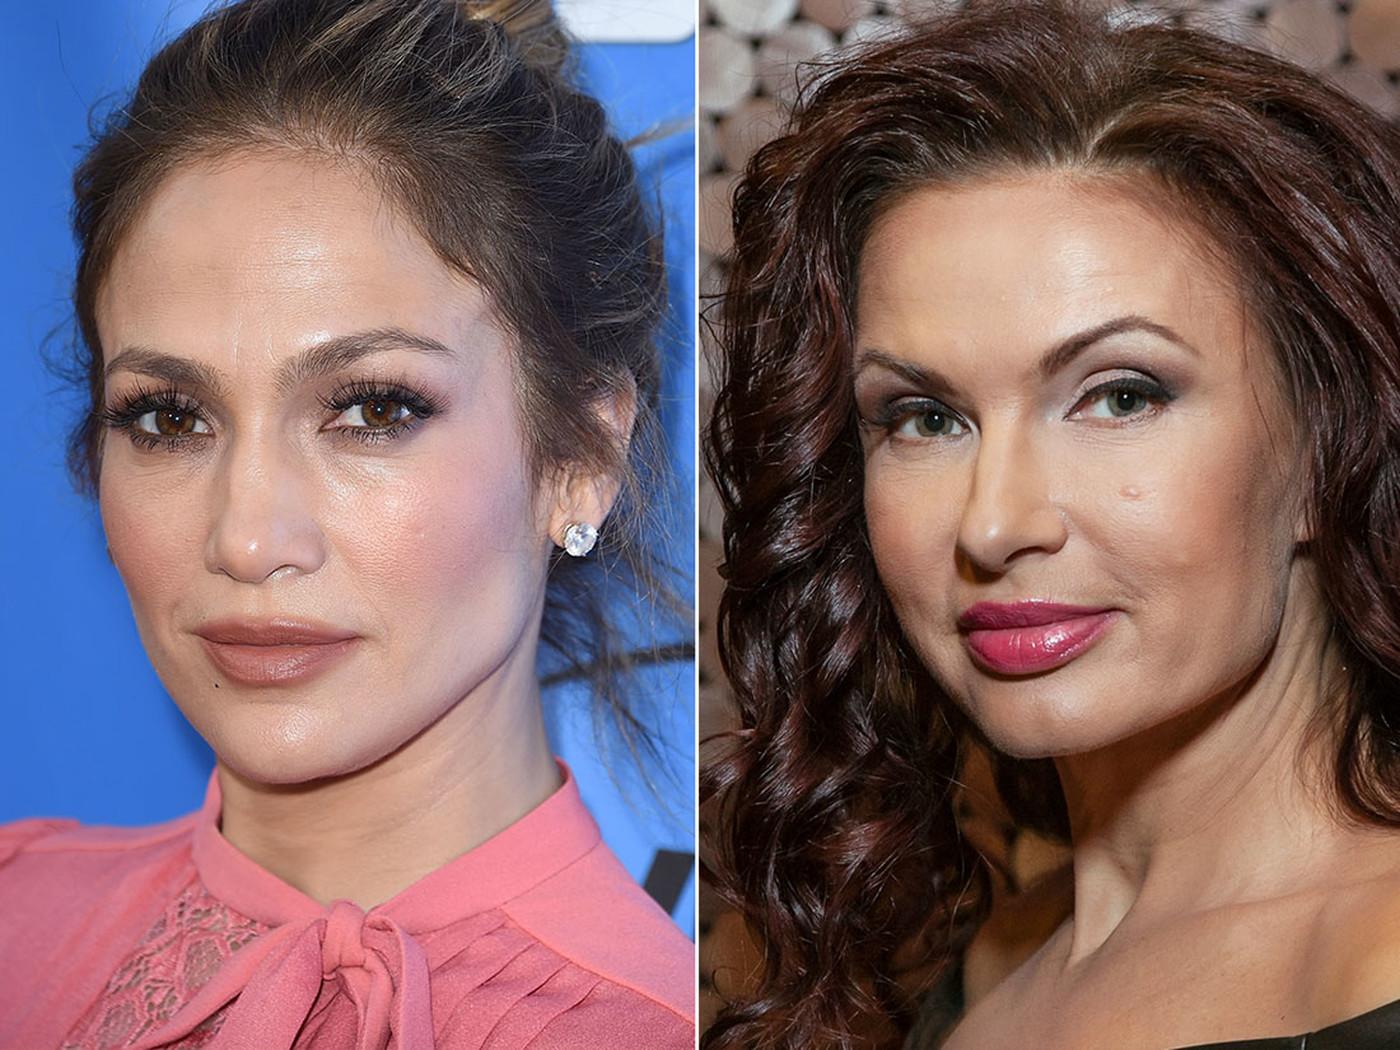 Дженнифер Лопес и Эвелина Бледанс, 1969 года рождения (47 лет) Про таких обычно говорят: «Женщины бе